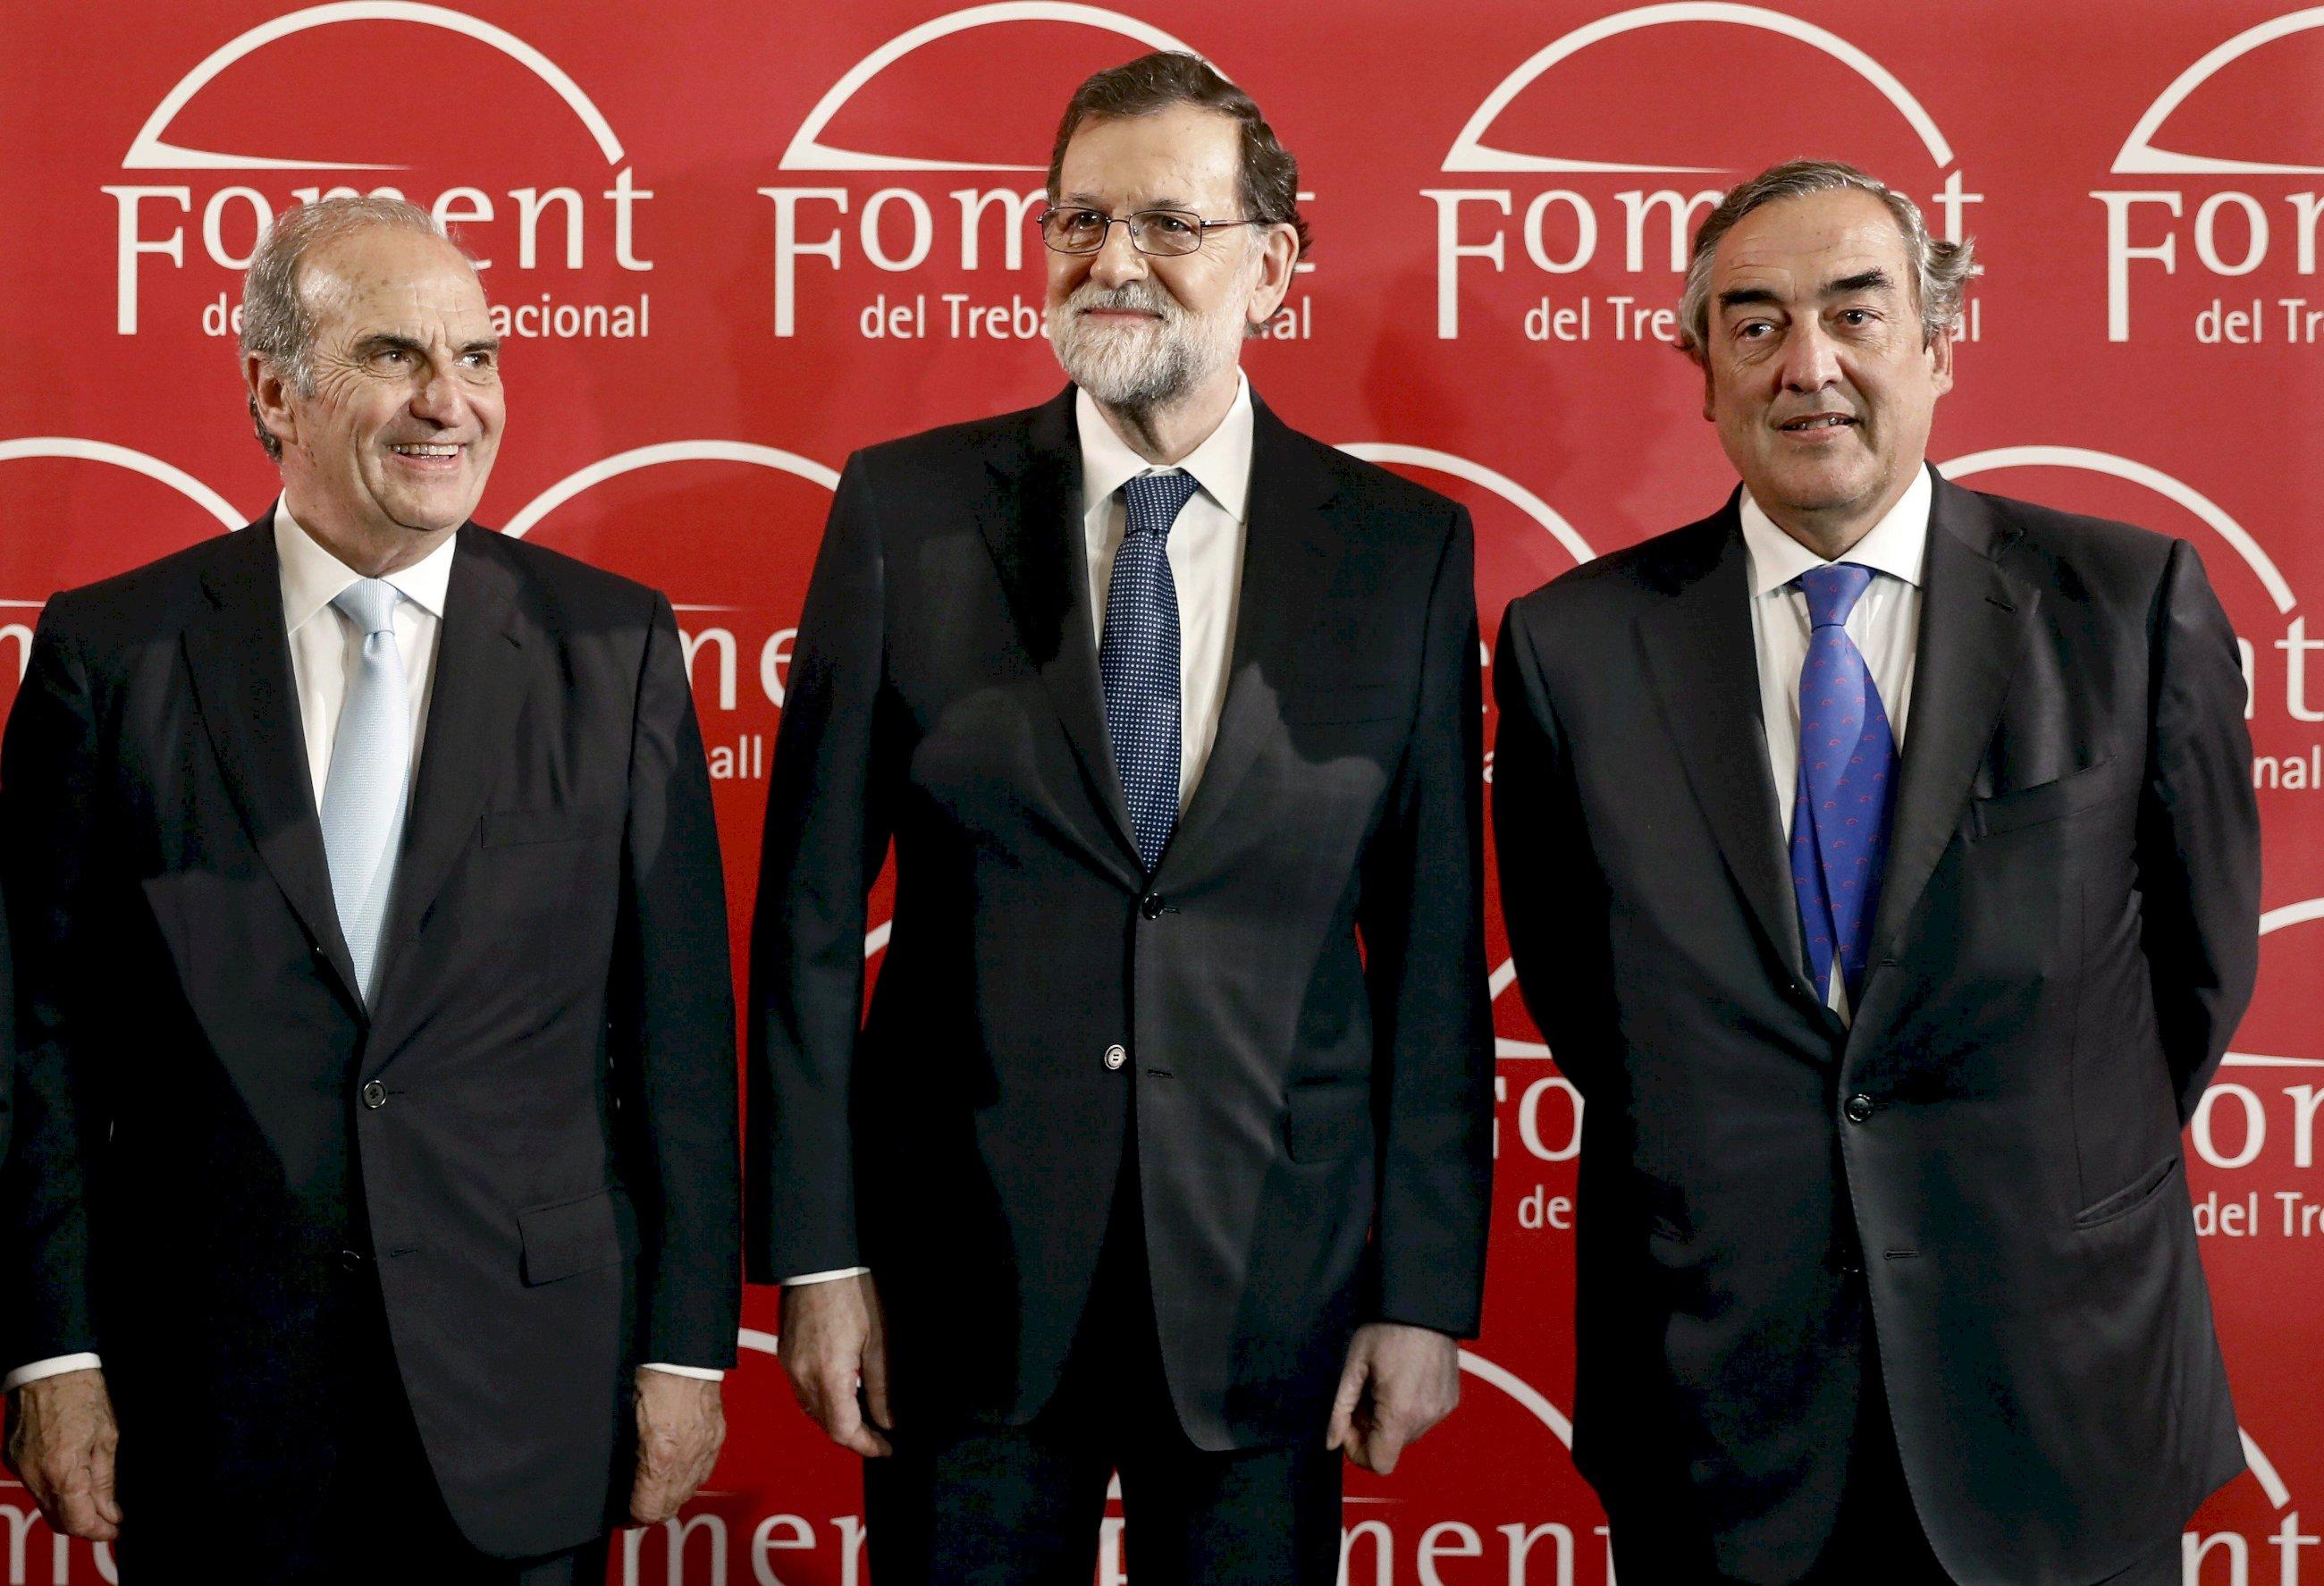 Rajoy se une con el empresariado catalán para salir airosos tras el 21-D